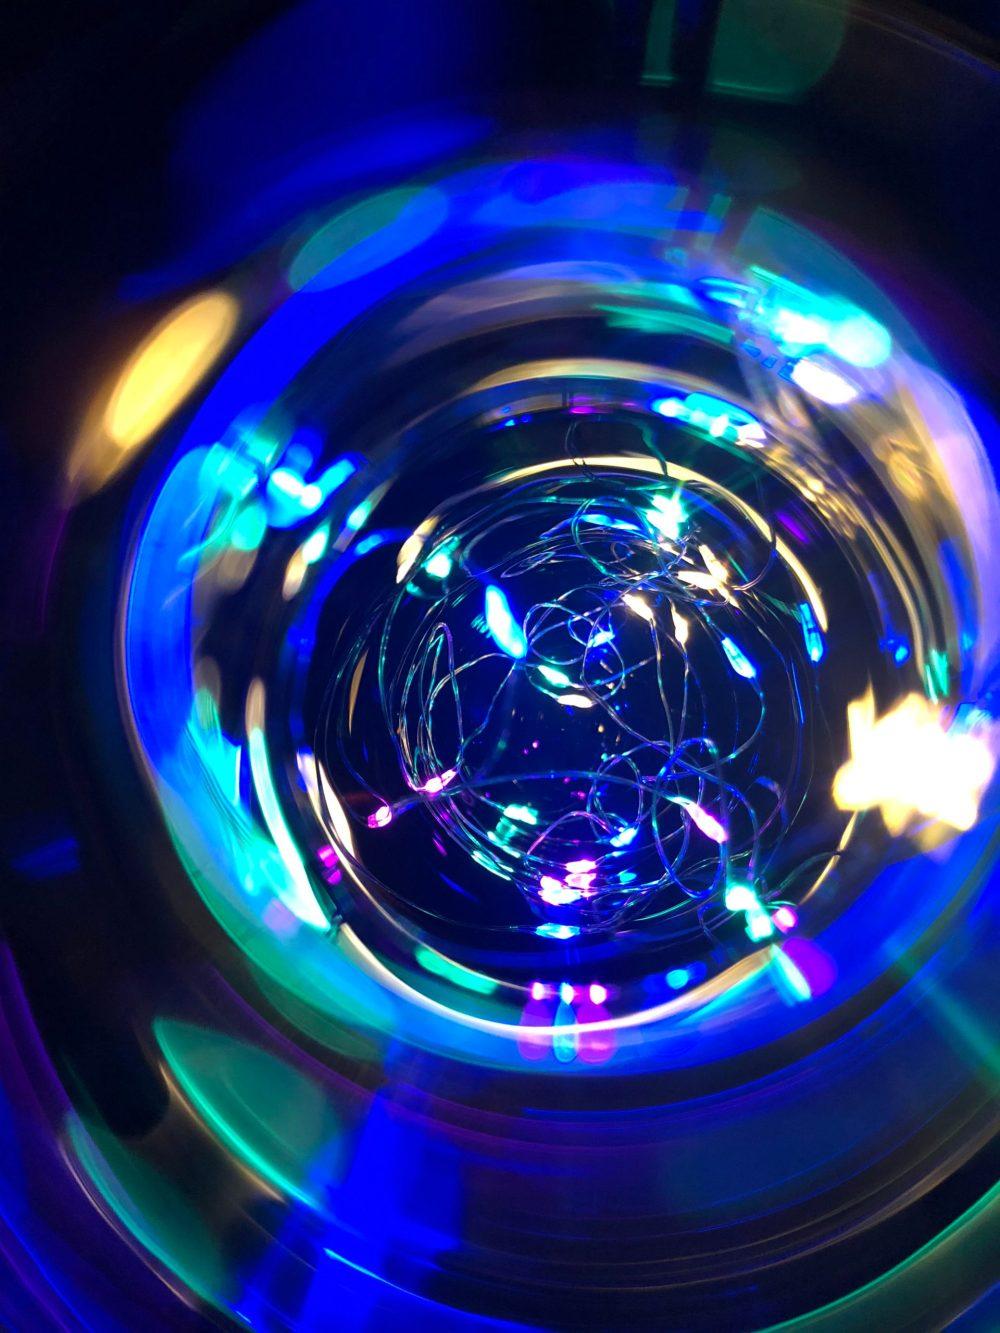 Lichterkette färbt das Glas bunt